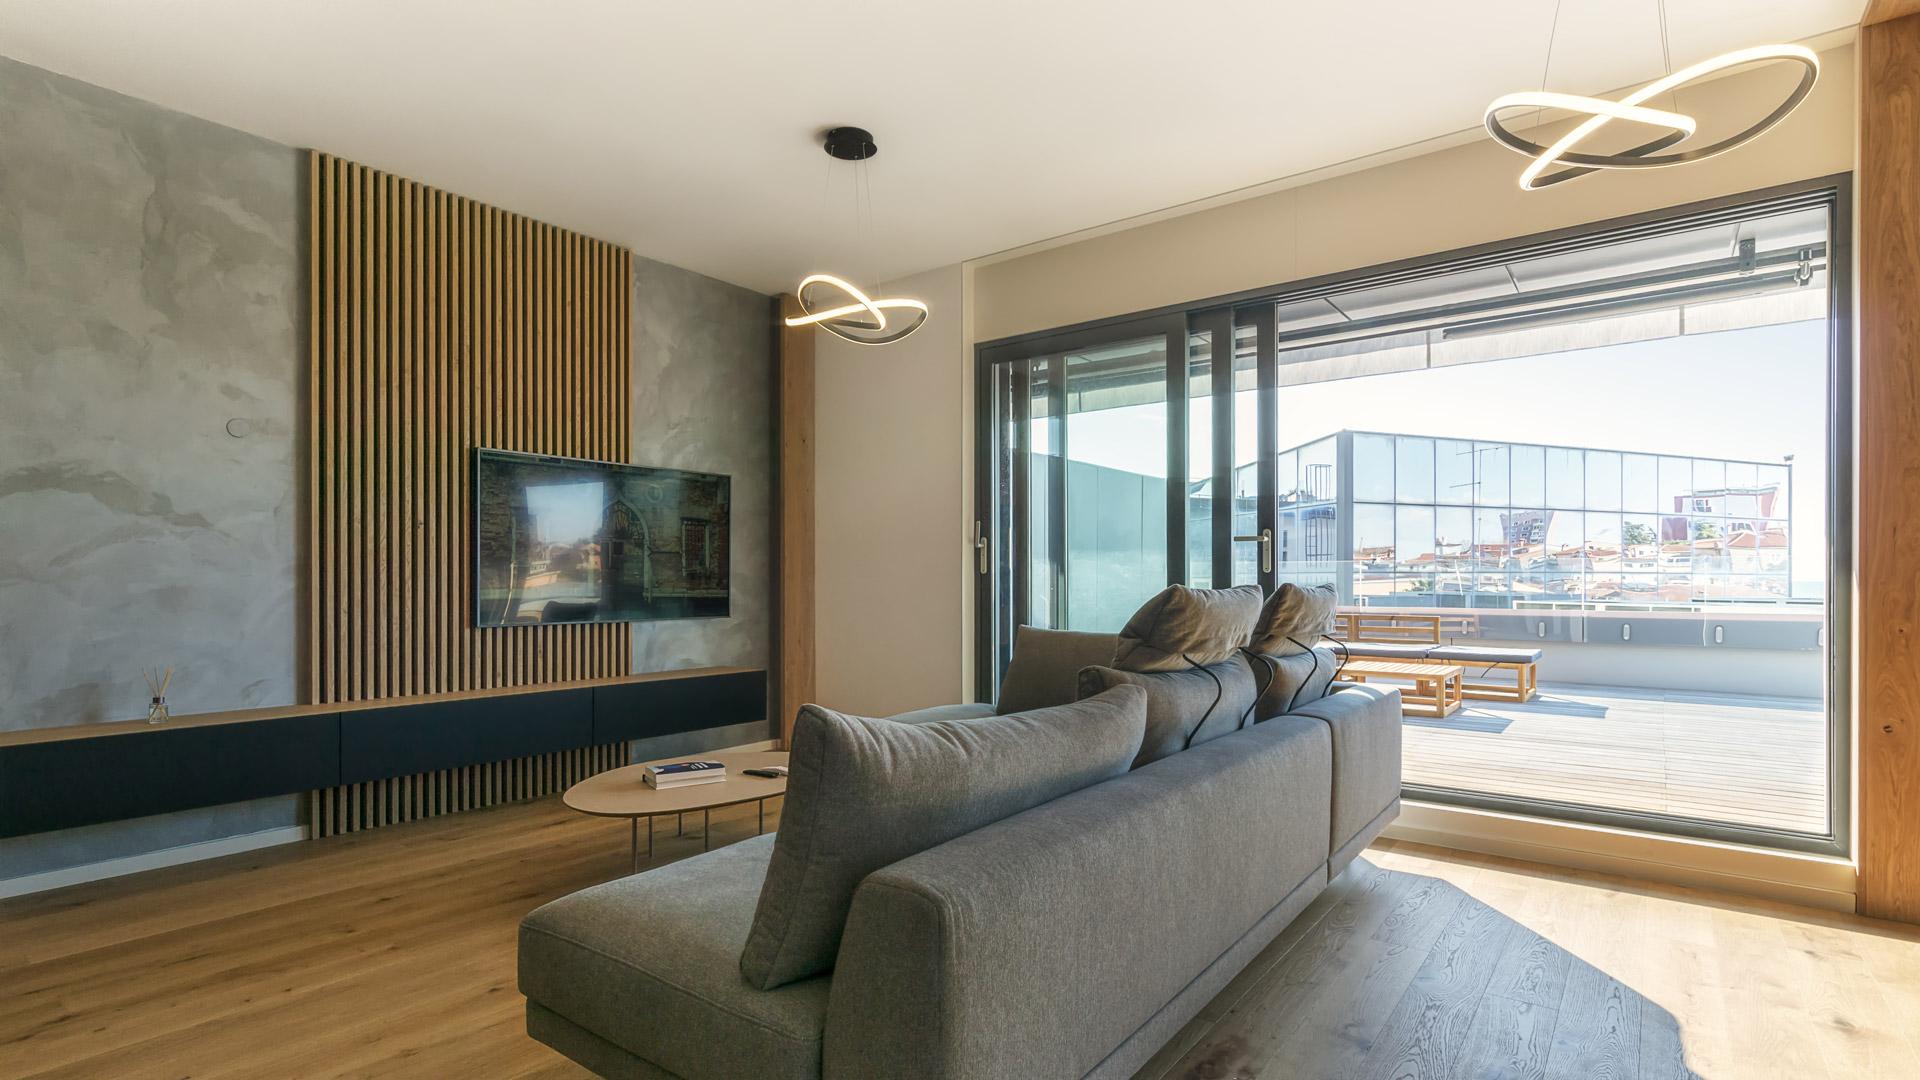 Contemporary designed living room